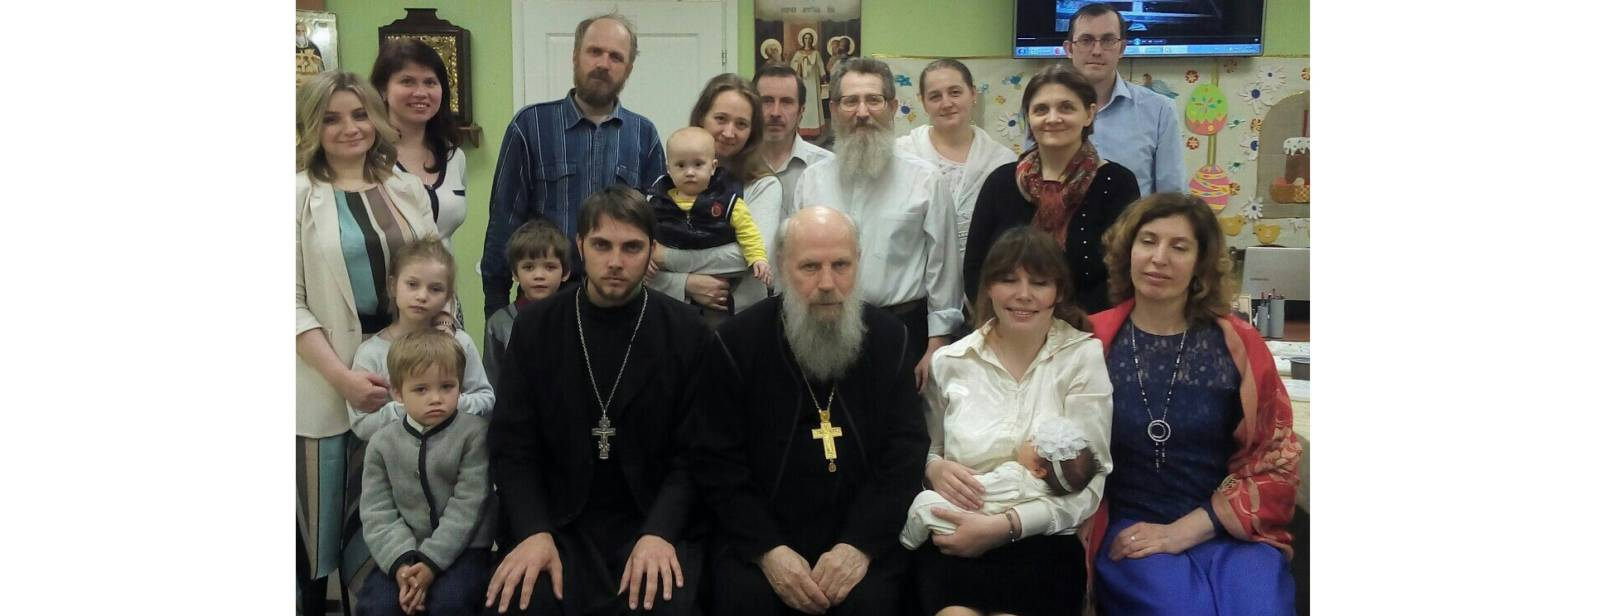 Иерей Андрей Кончагин посетил общину прихода Иоанновского женского ставропигиального монастыря г. Санкт-Петербурга.